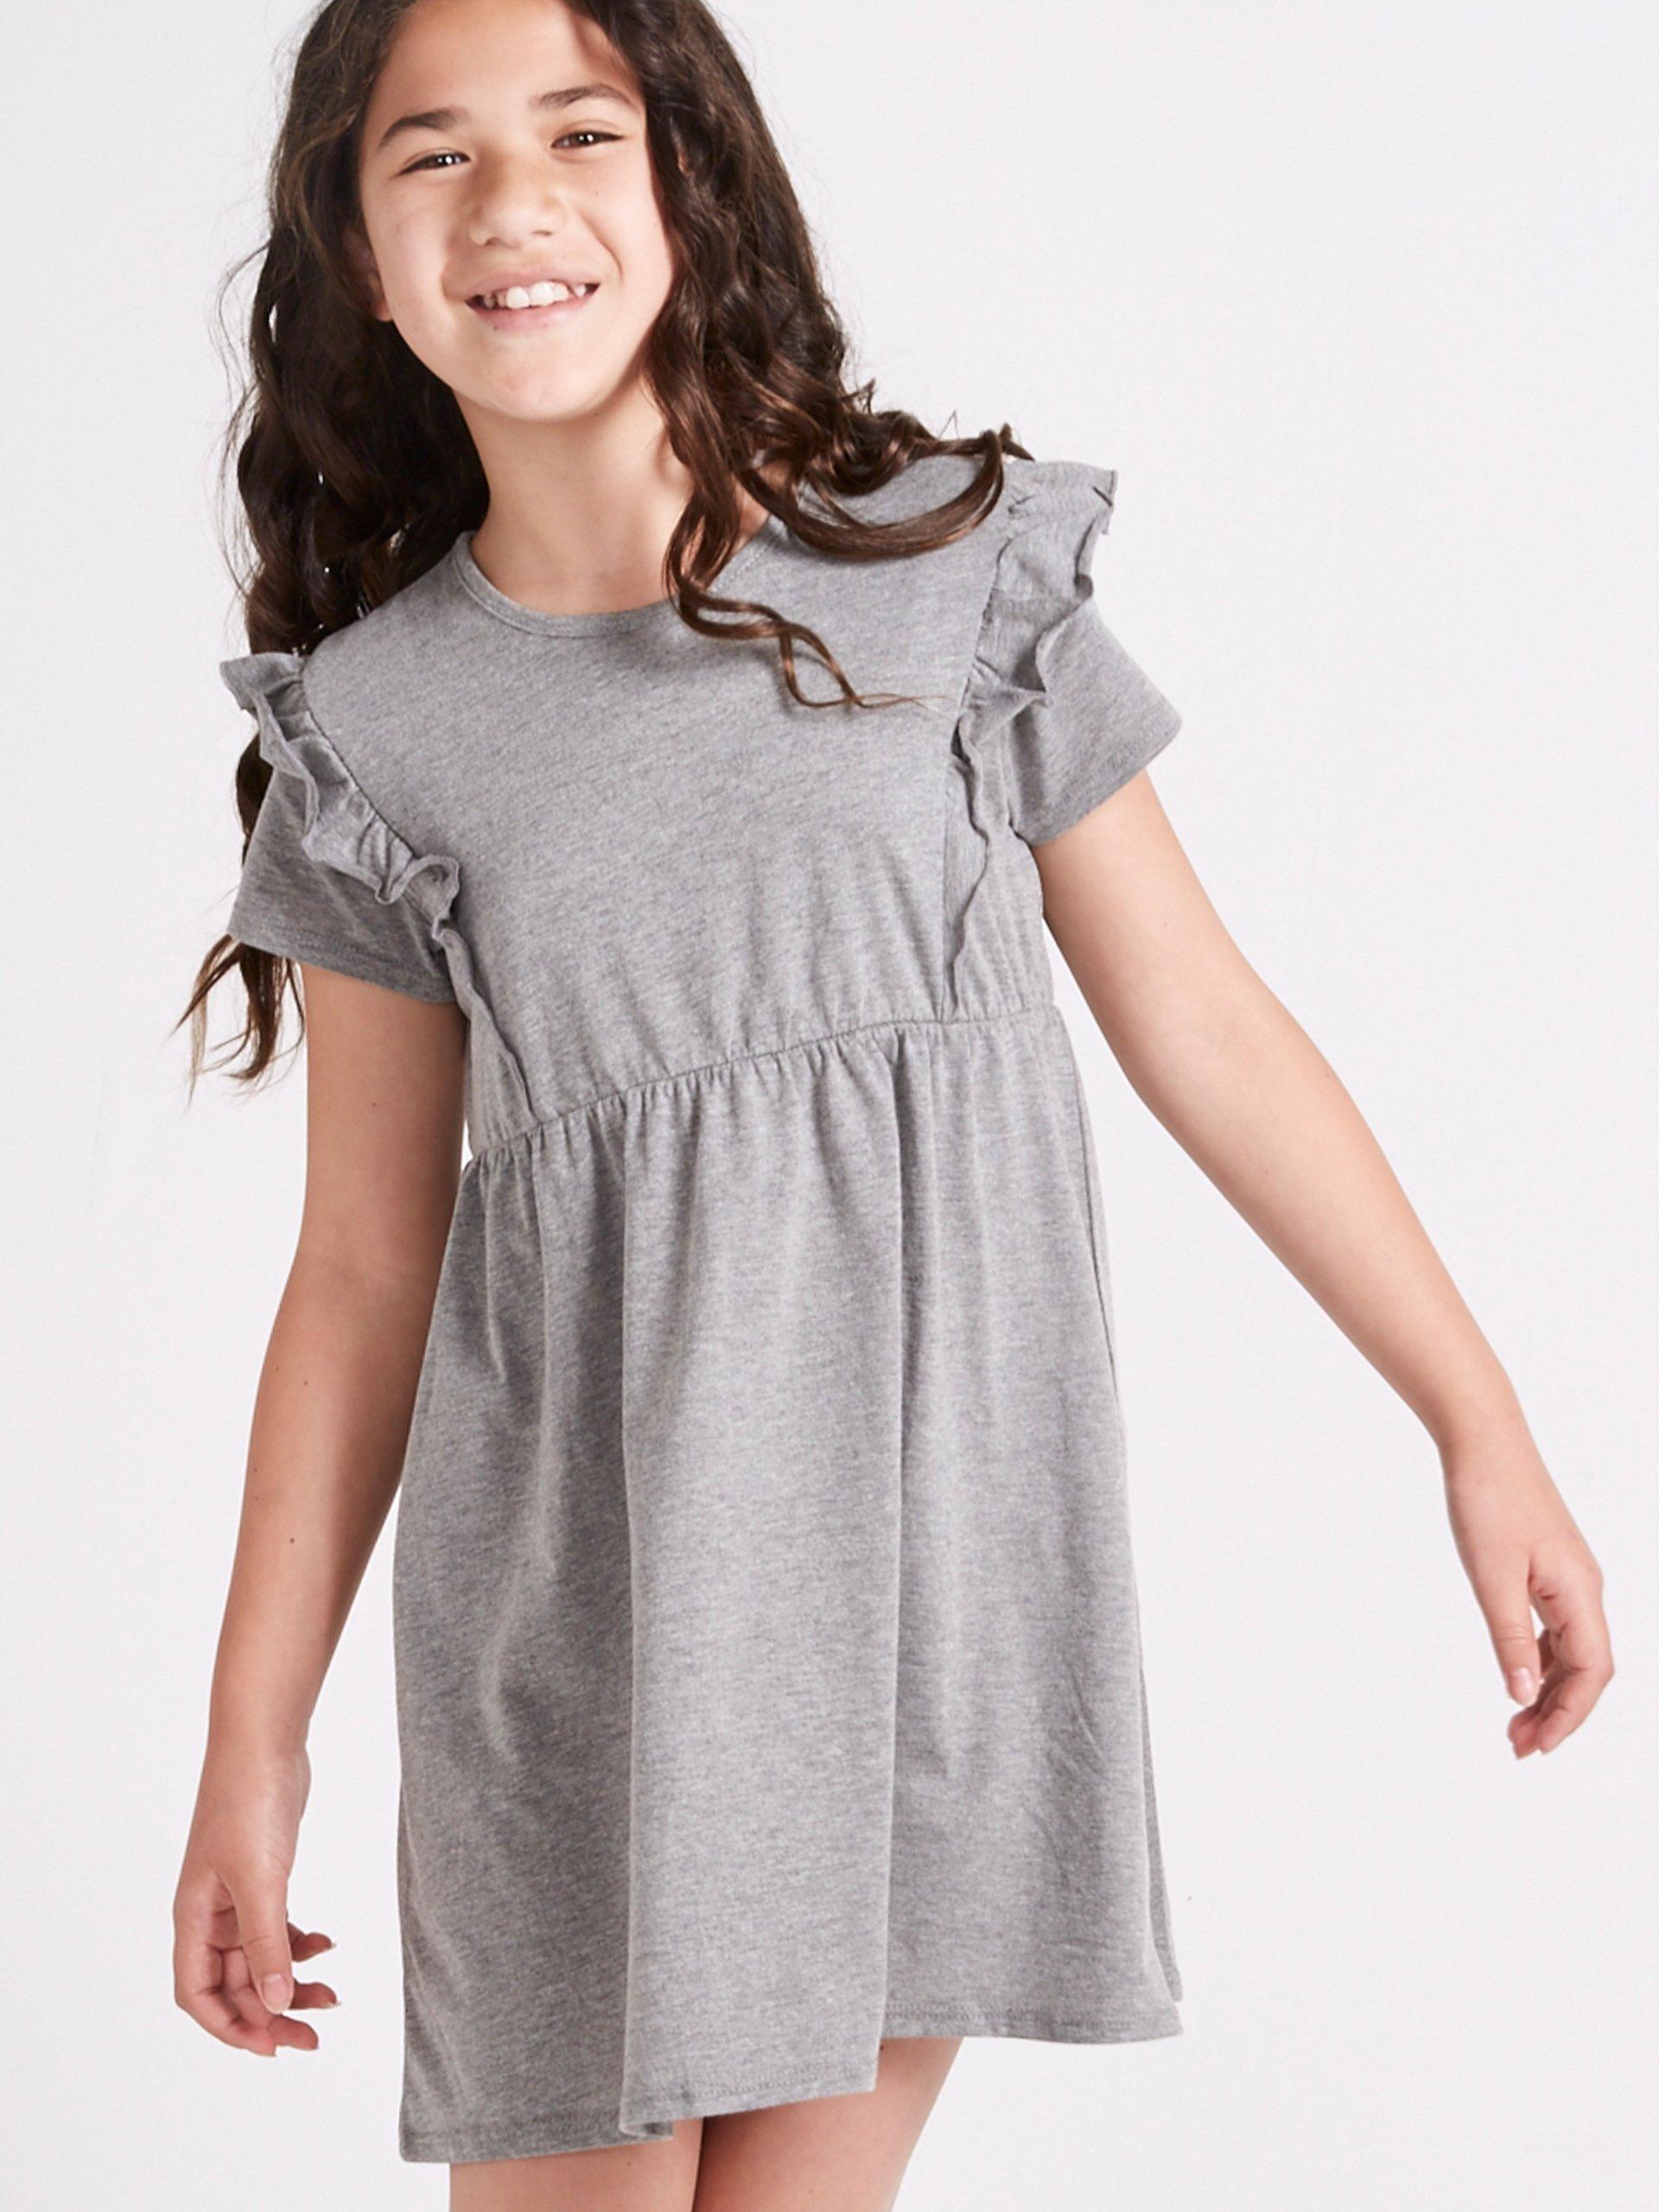 977e1f59c0 Śliczna Sukienka dla Dziewczynki 8-9lat 128-134cm - 7170260396 ...